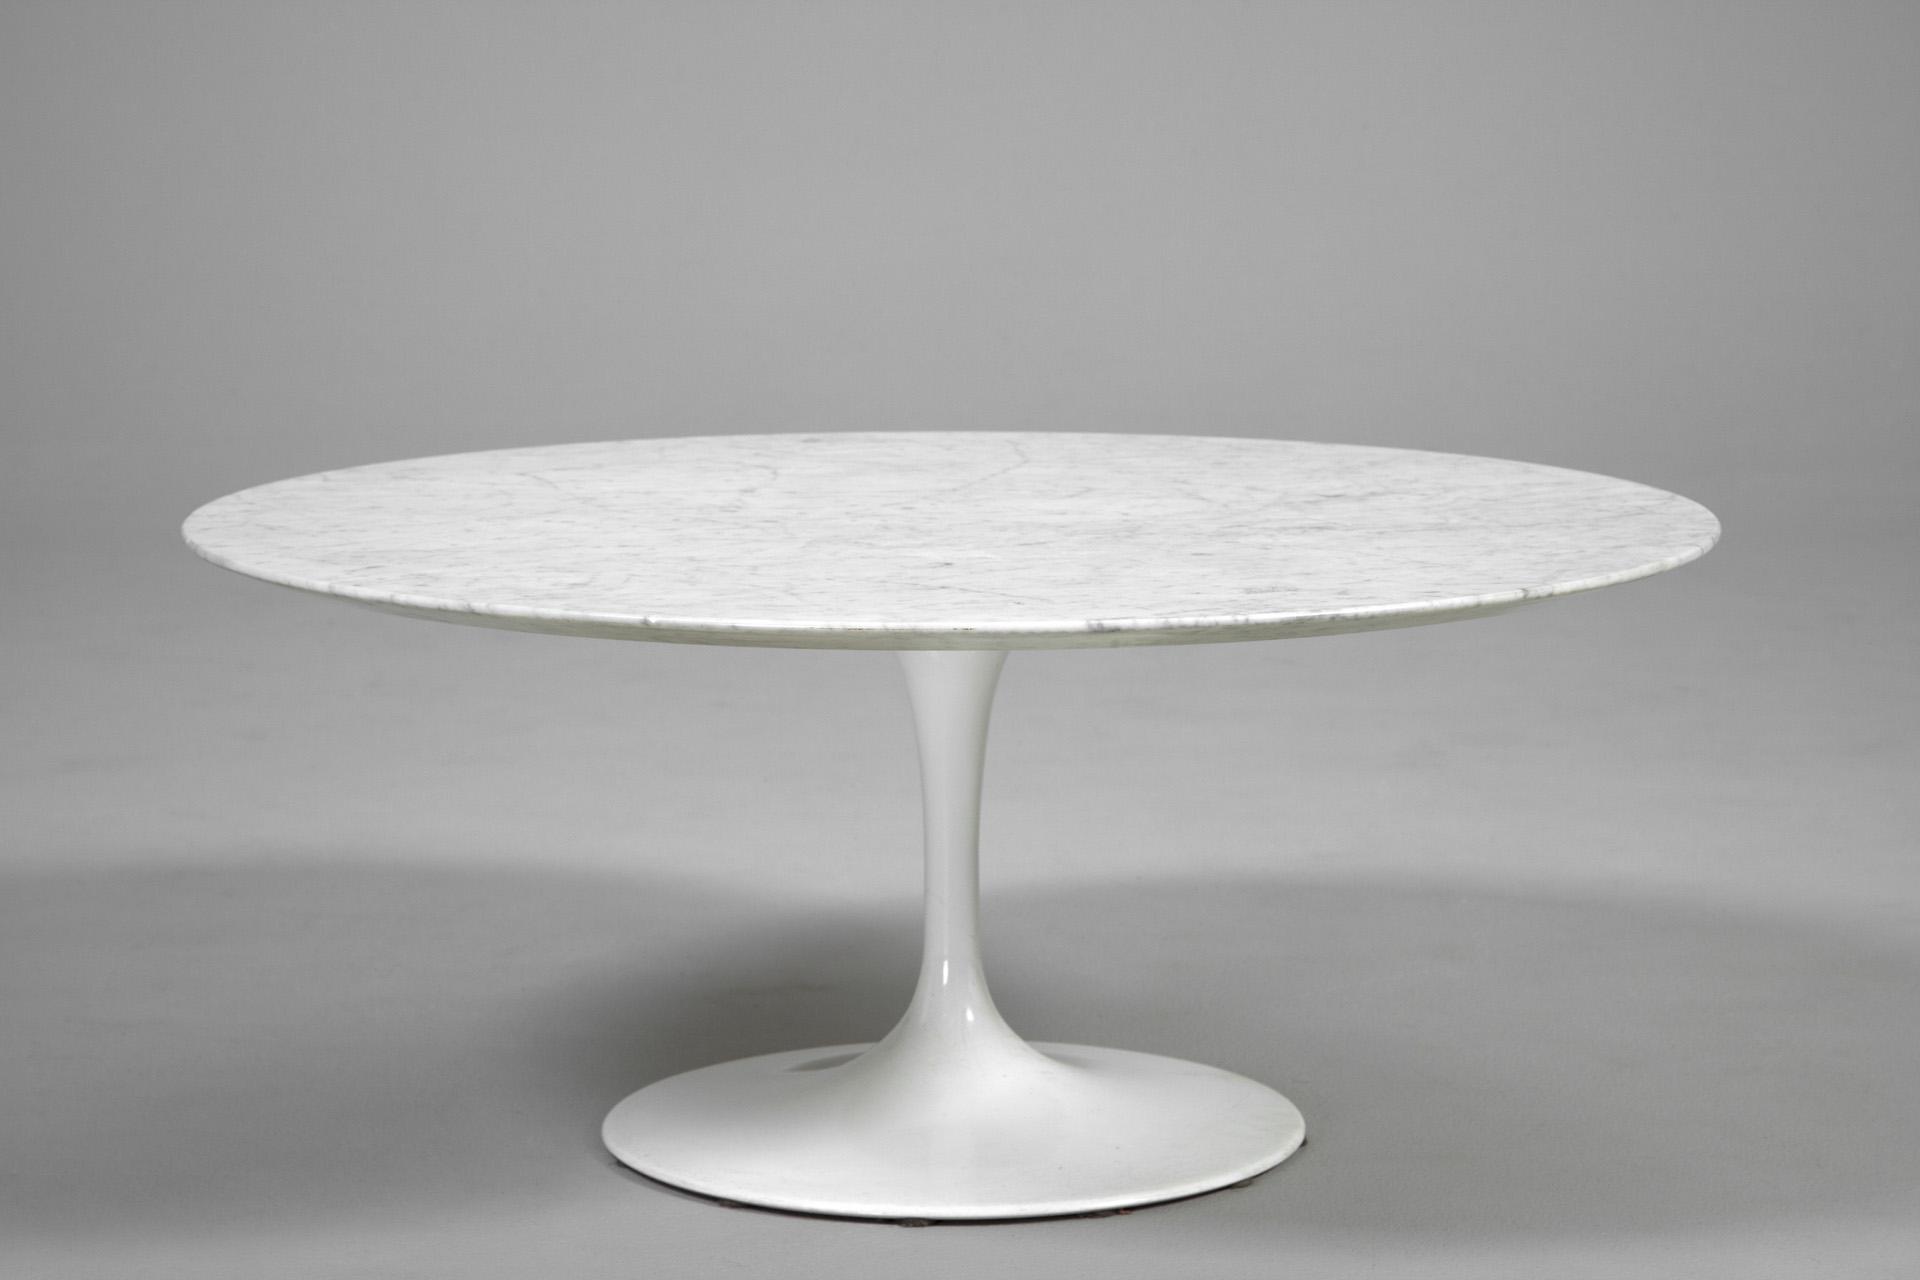 Jacksons Tulip Coffee Table Eero Saarinen